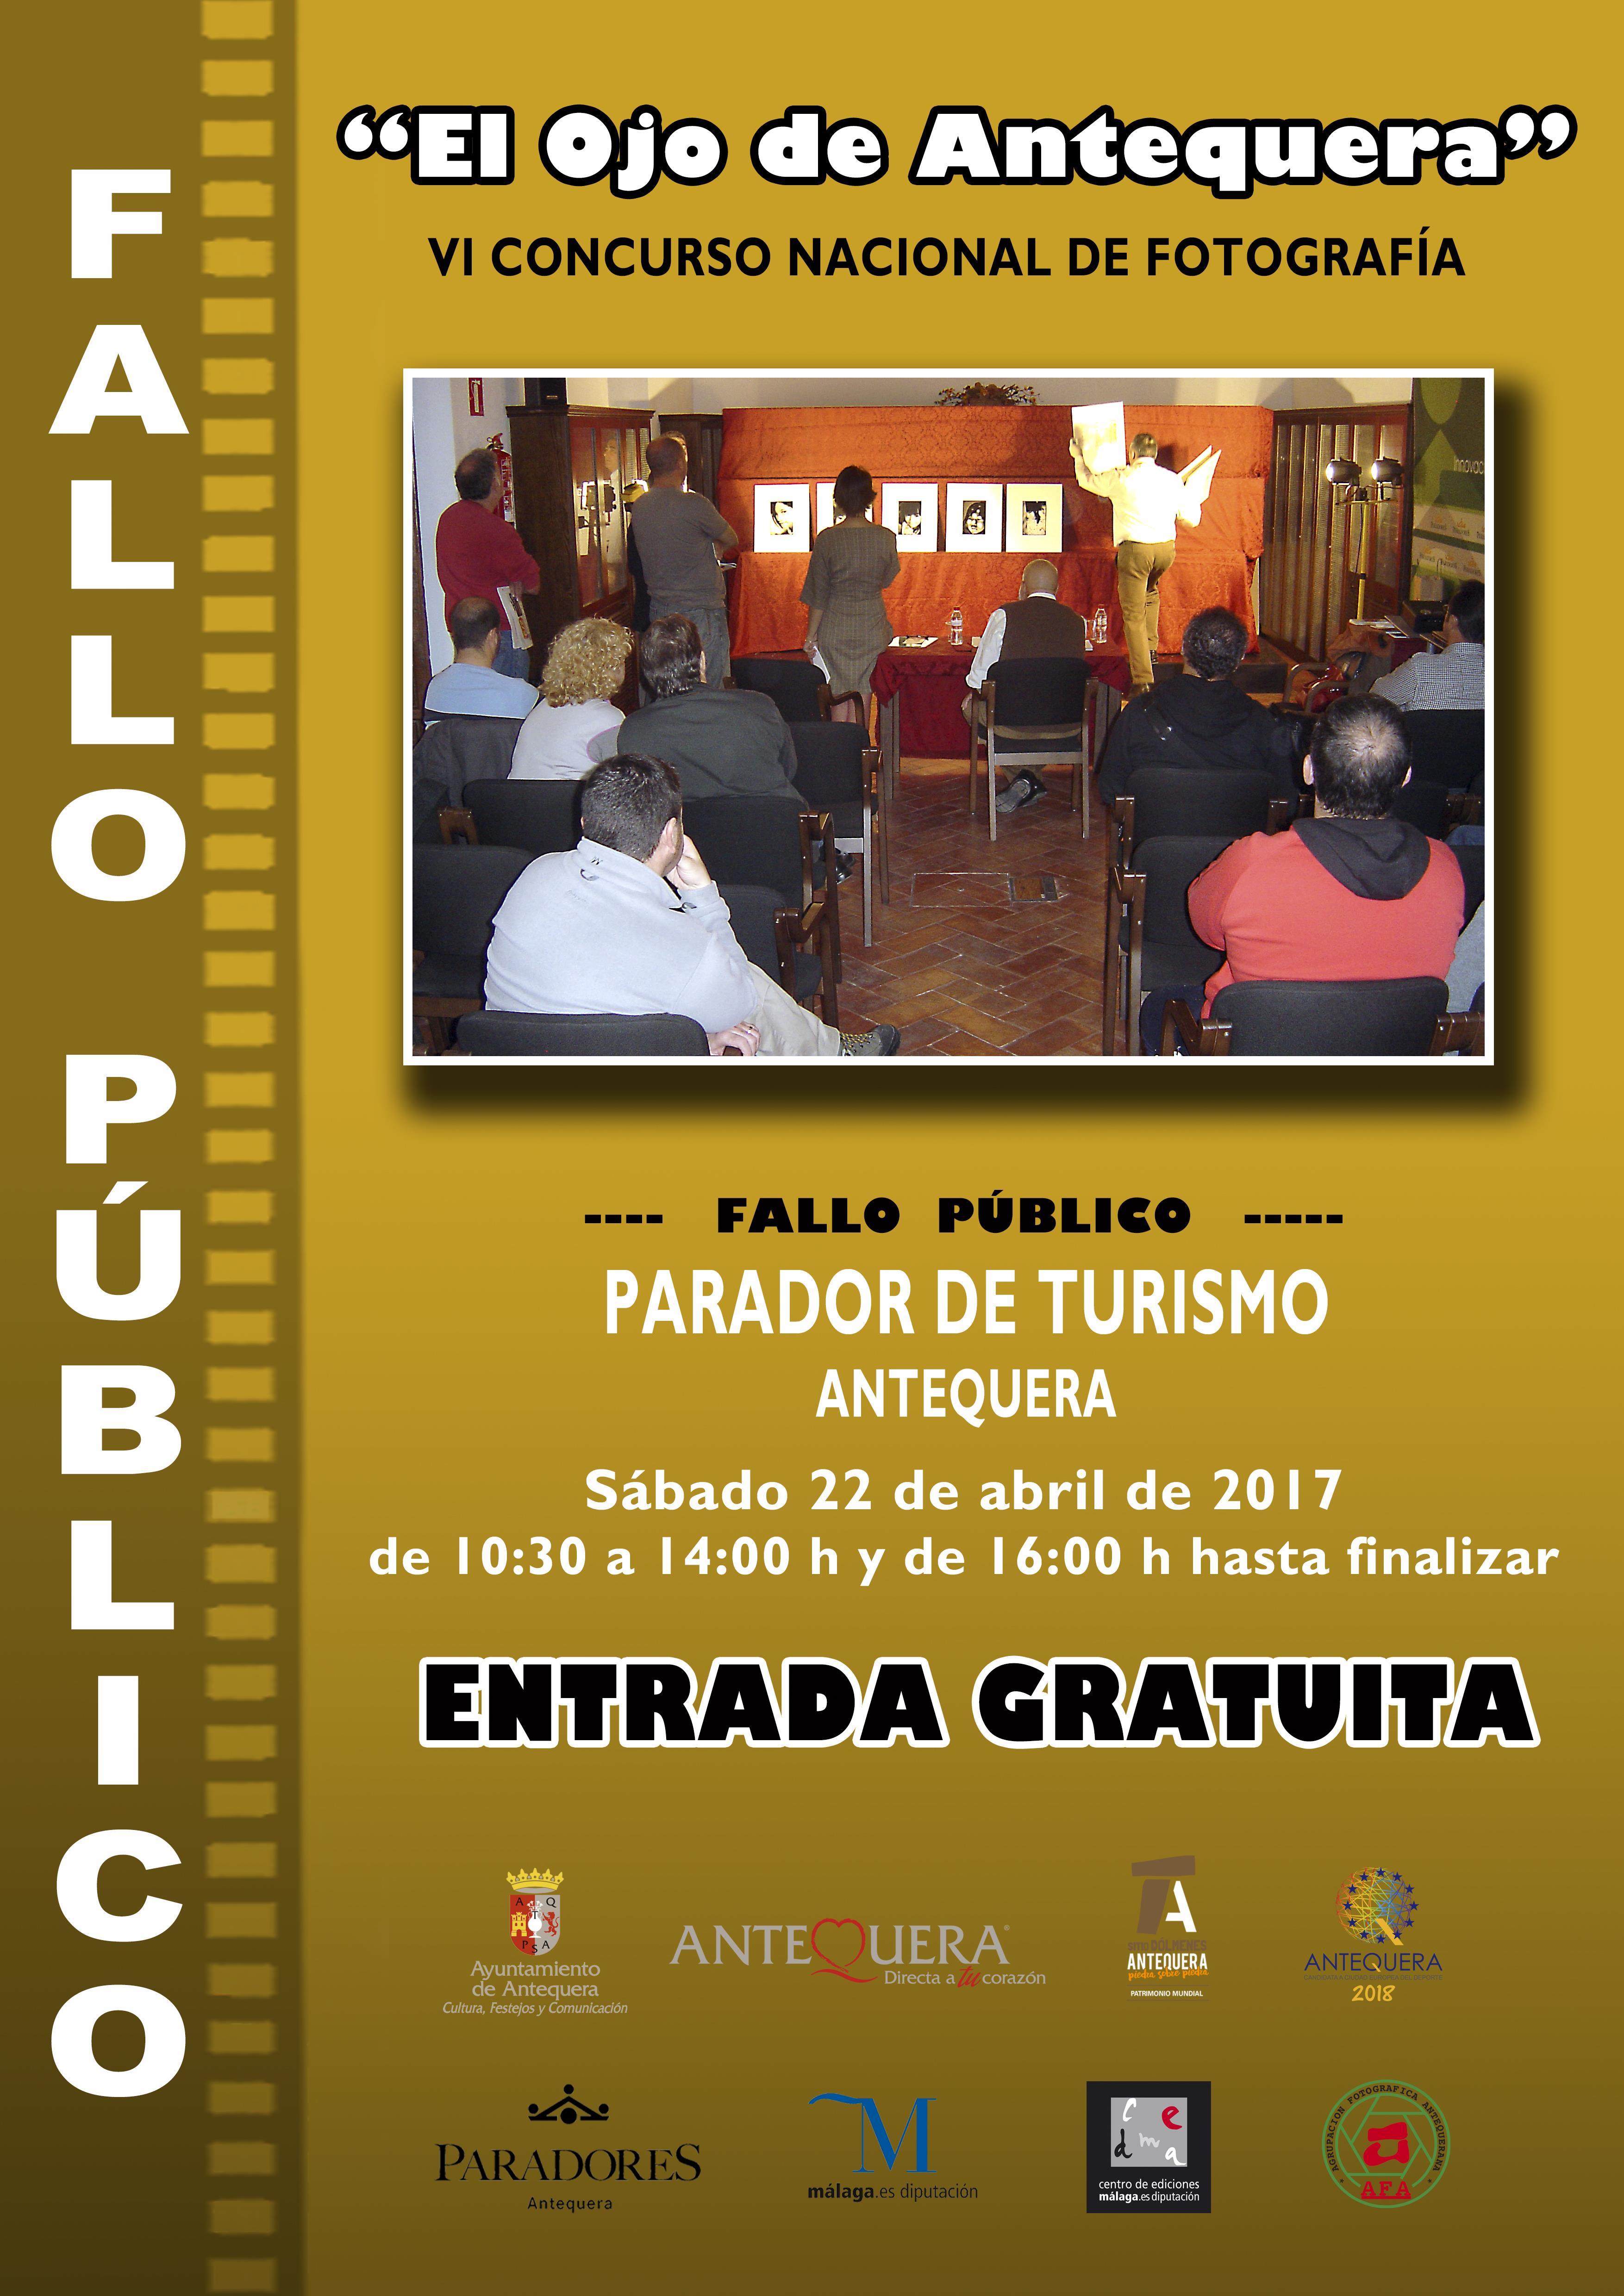 Cartel Fallo Público VI Concurso Nacional de Fotografía El Ojo de Antequera (Copy)